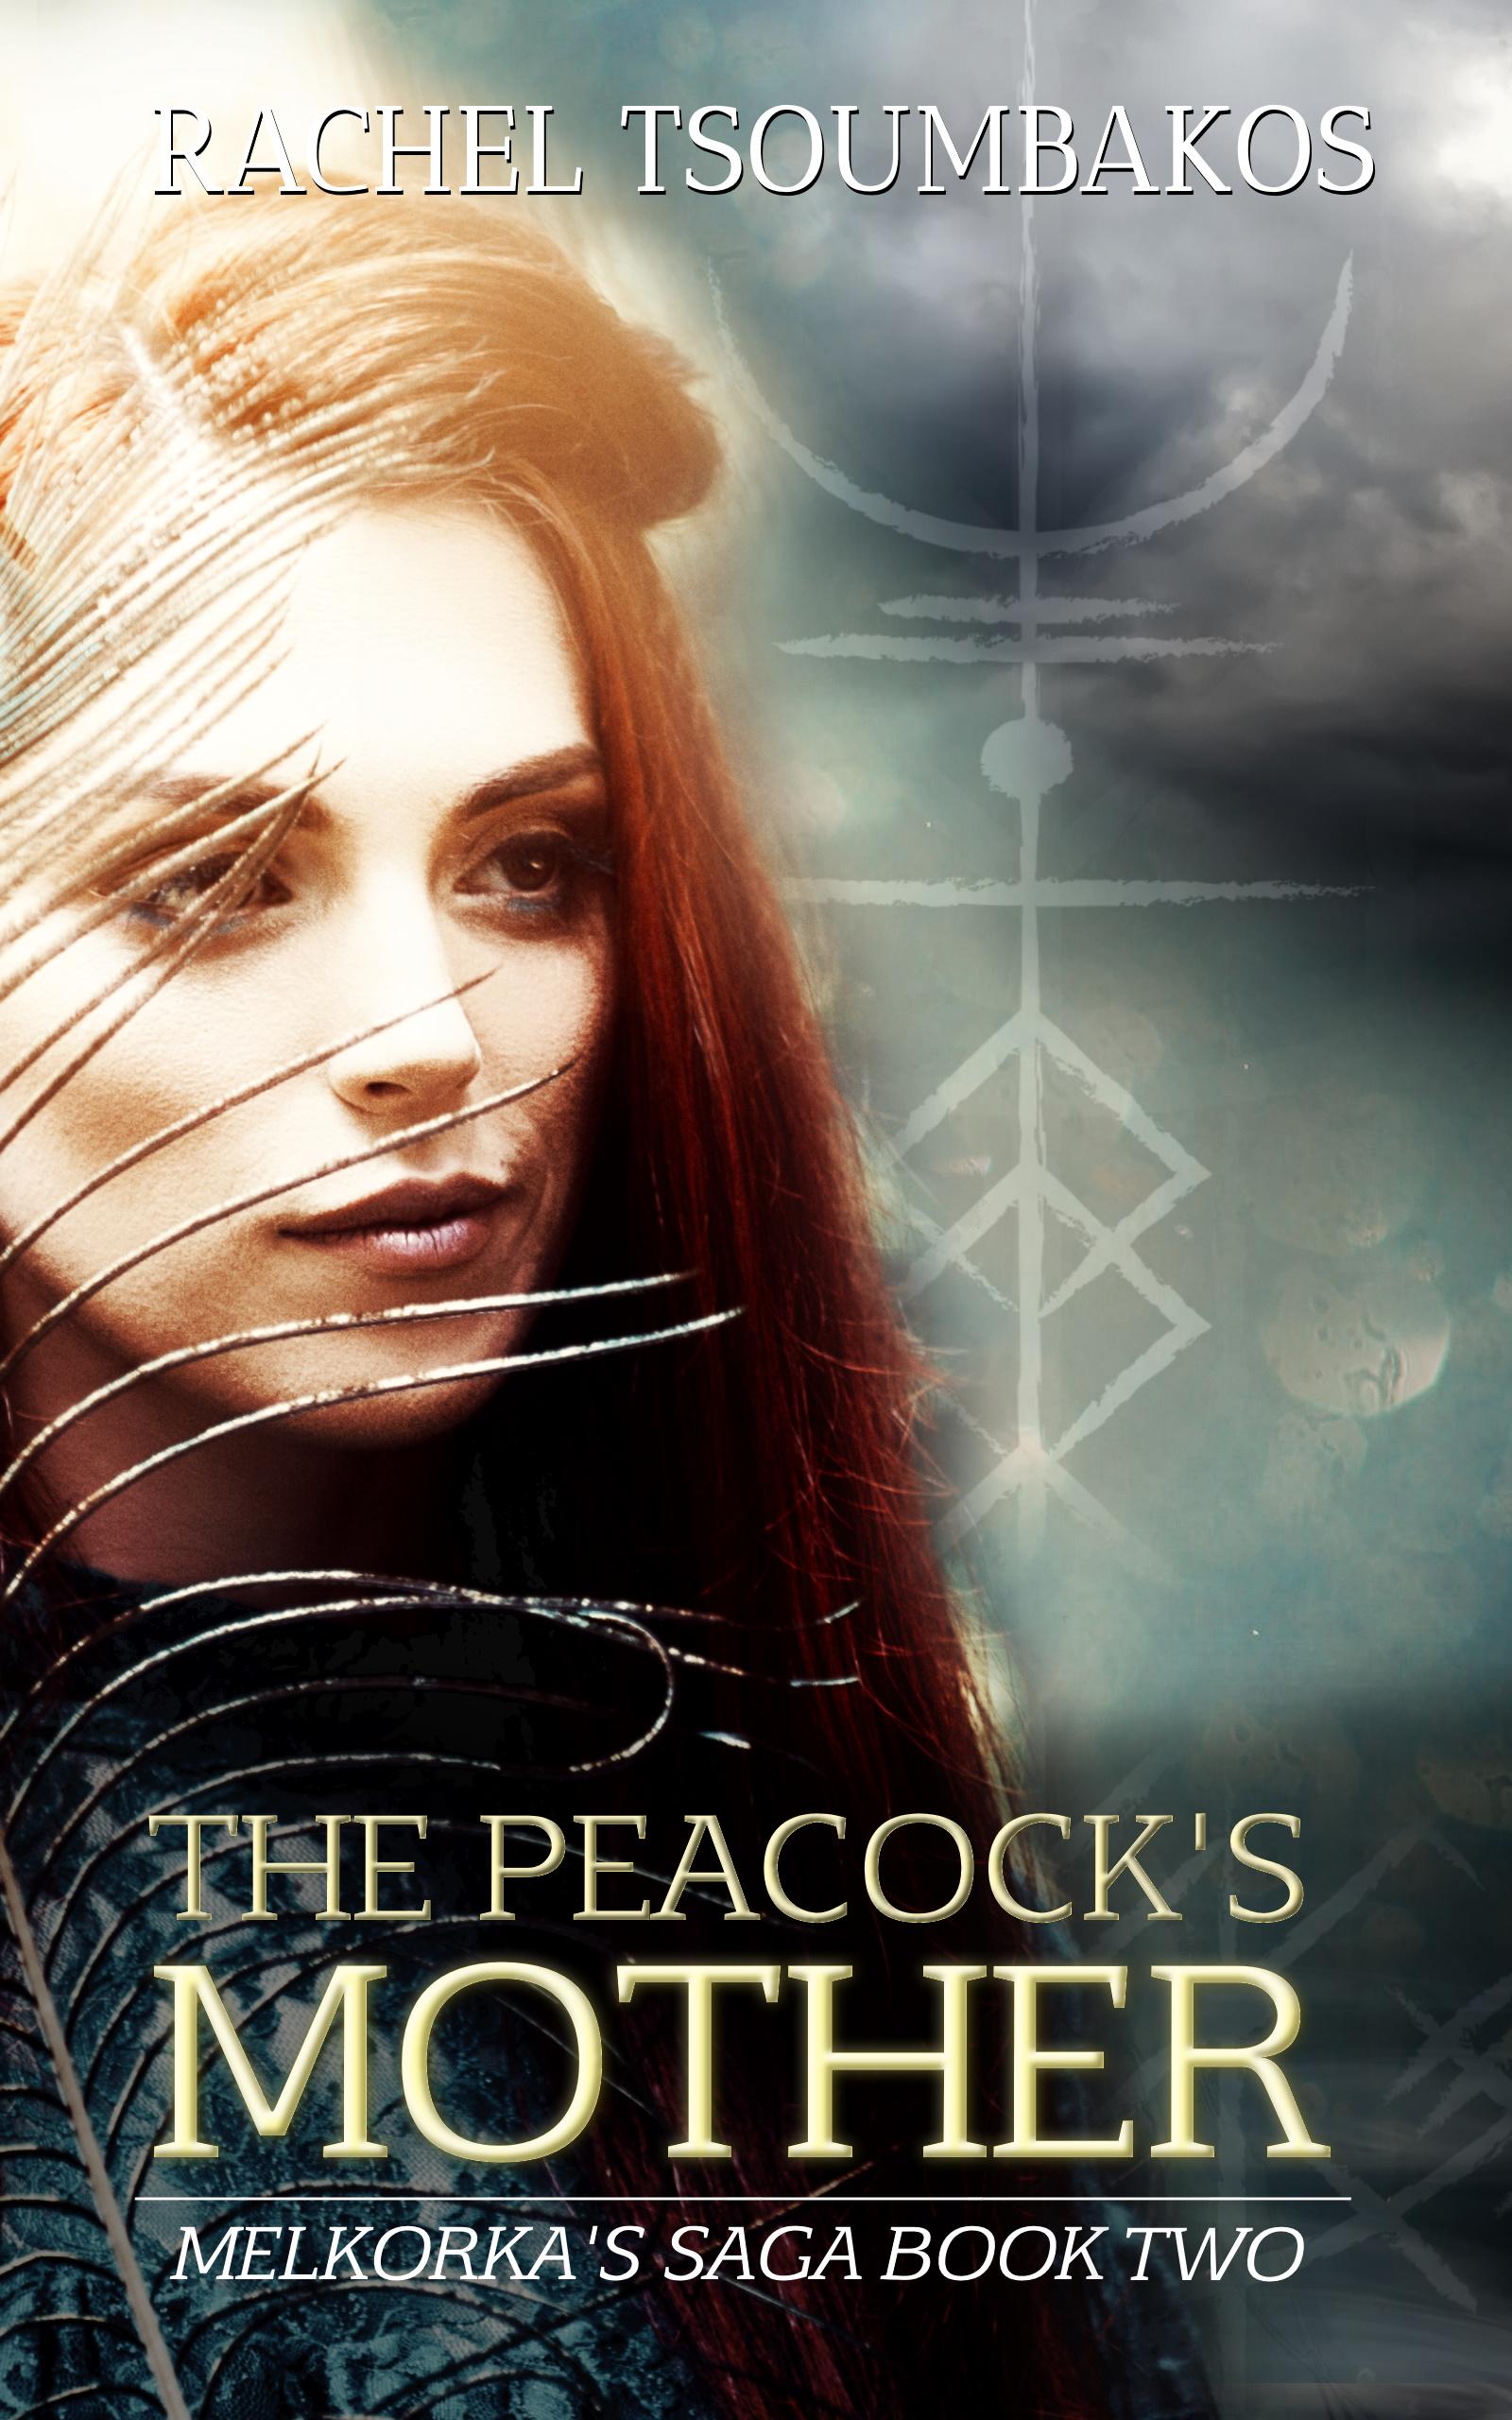 The Peacock's Mother by Rachel Tsoumbakos